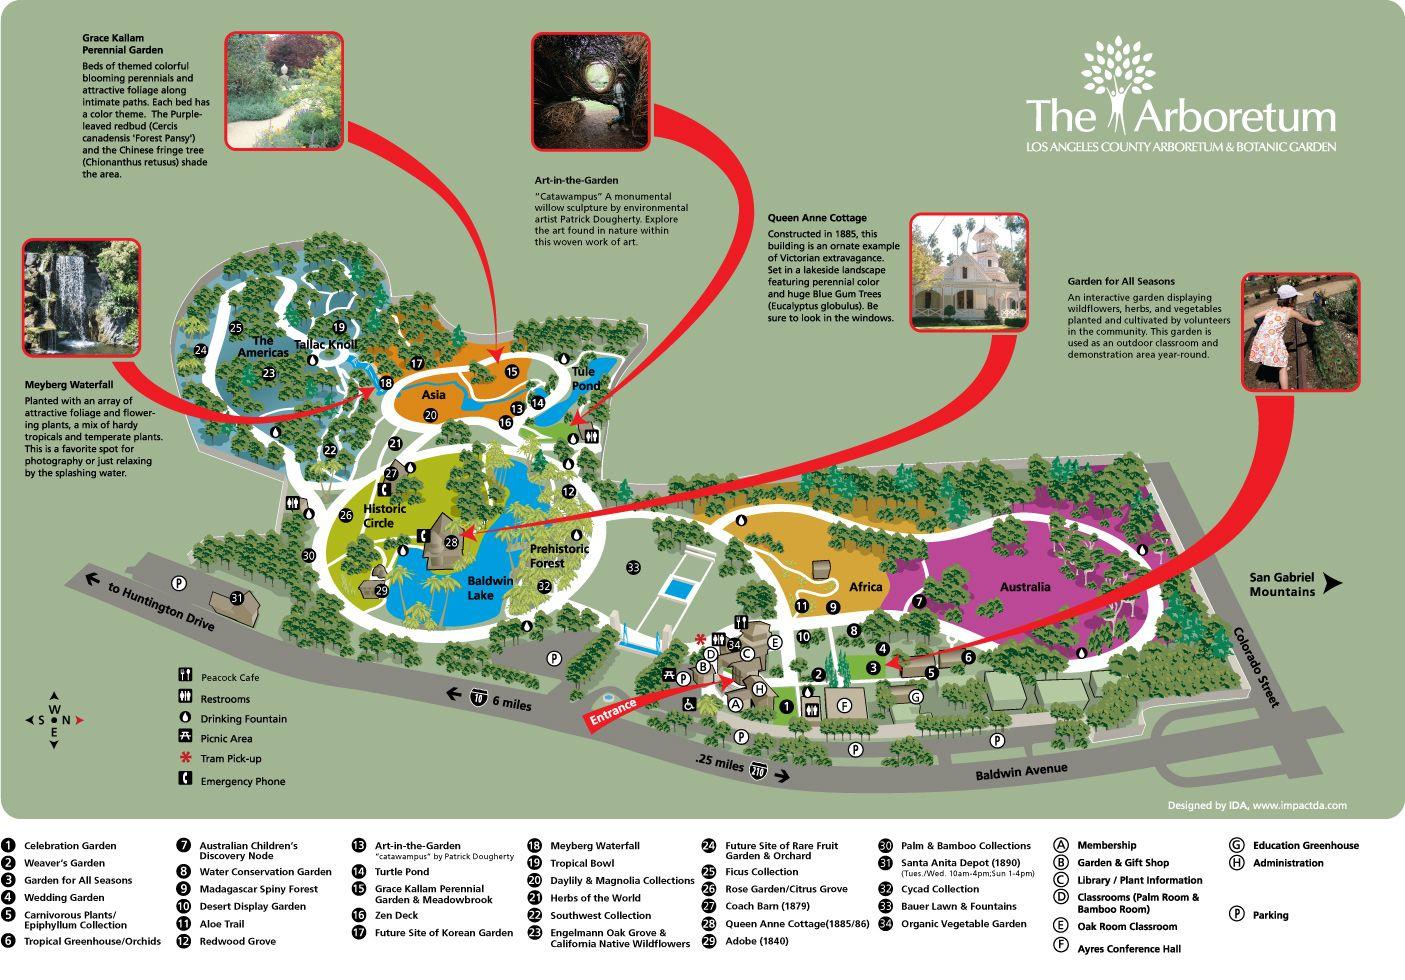 Google Image Result For Httpwwwarboretumorgimagesuploads - Us national arboretum google maps